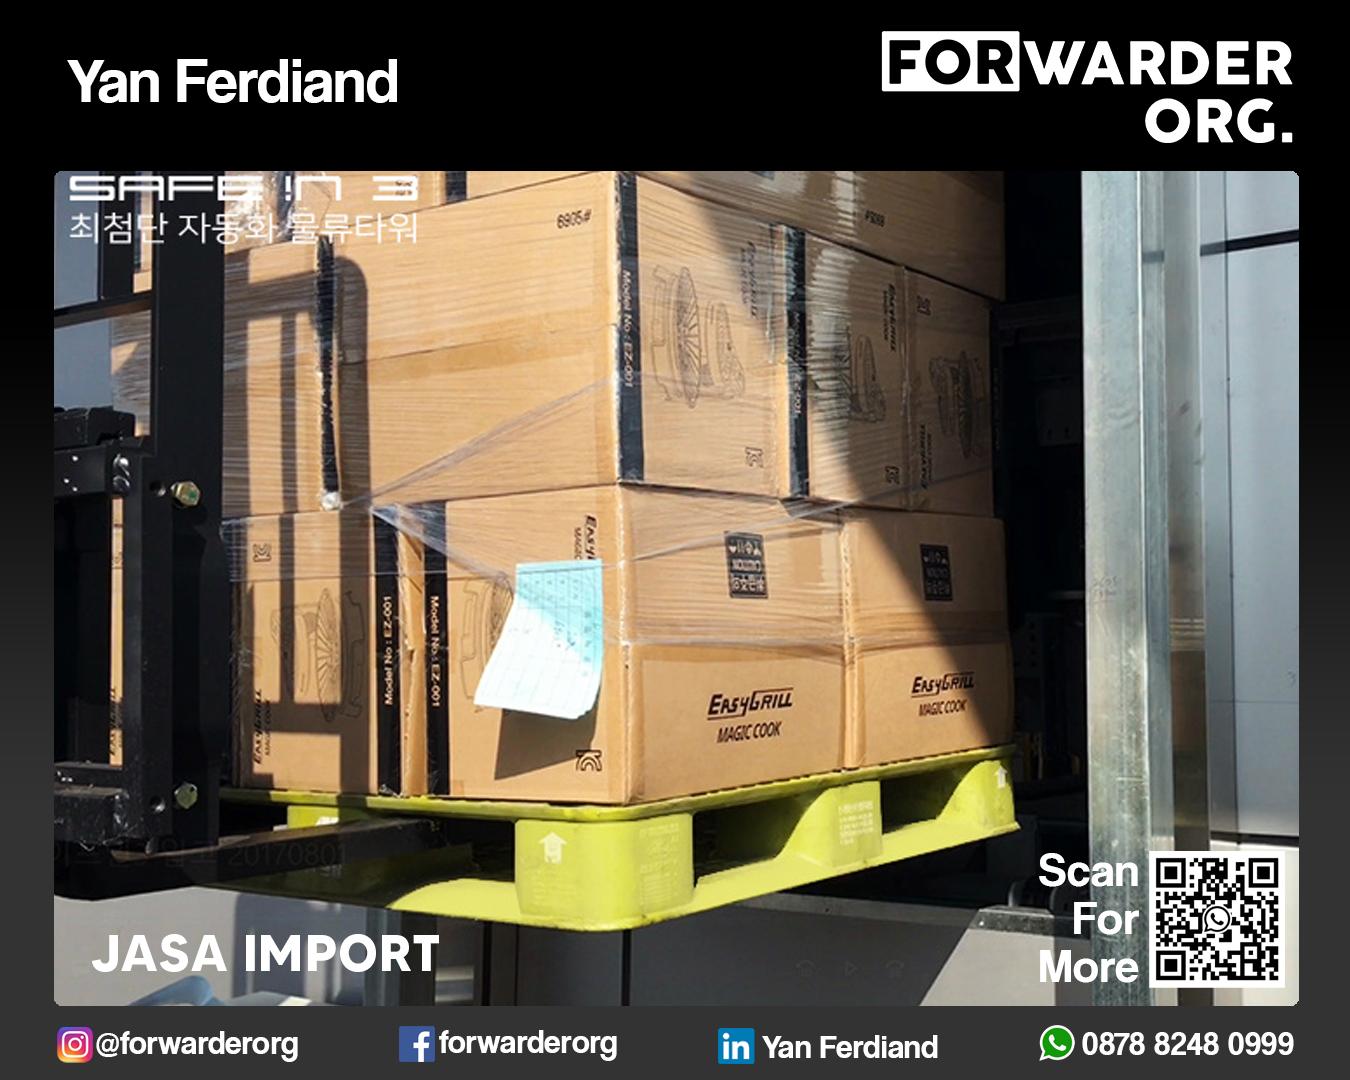 Jasa Import Mesin Produksi Pabrik Terpercaya | FORWARDER ORG